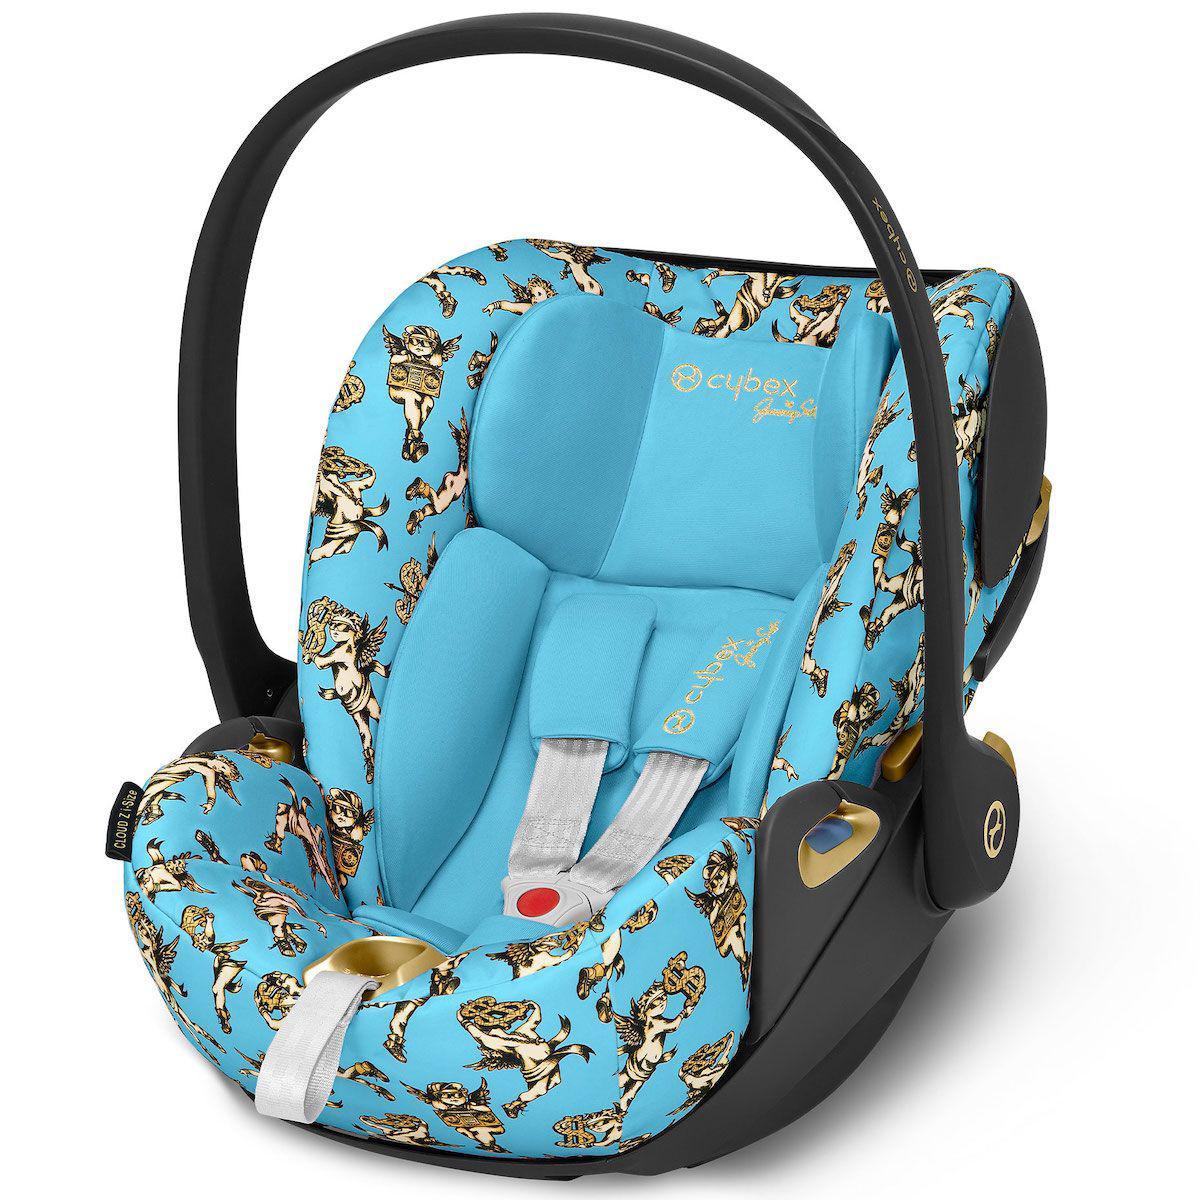 Autositz gr0+ CLOUD Z I-SIZE Cybex cherub blue-blue